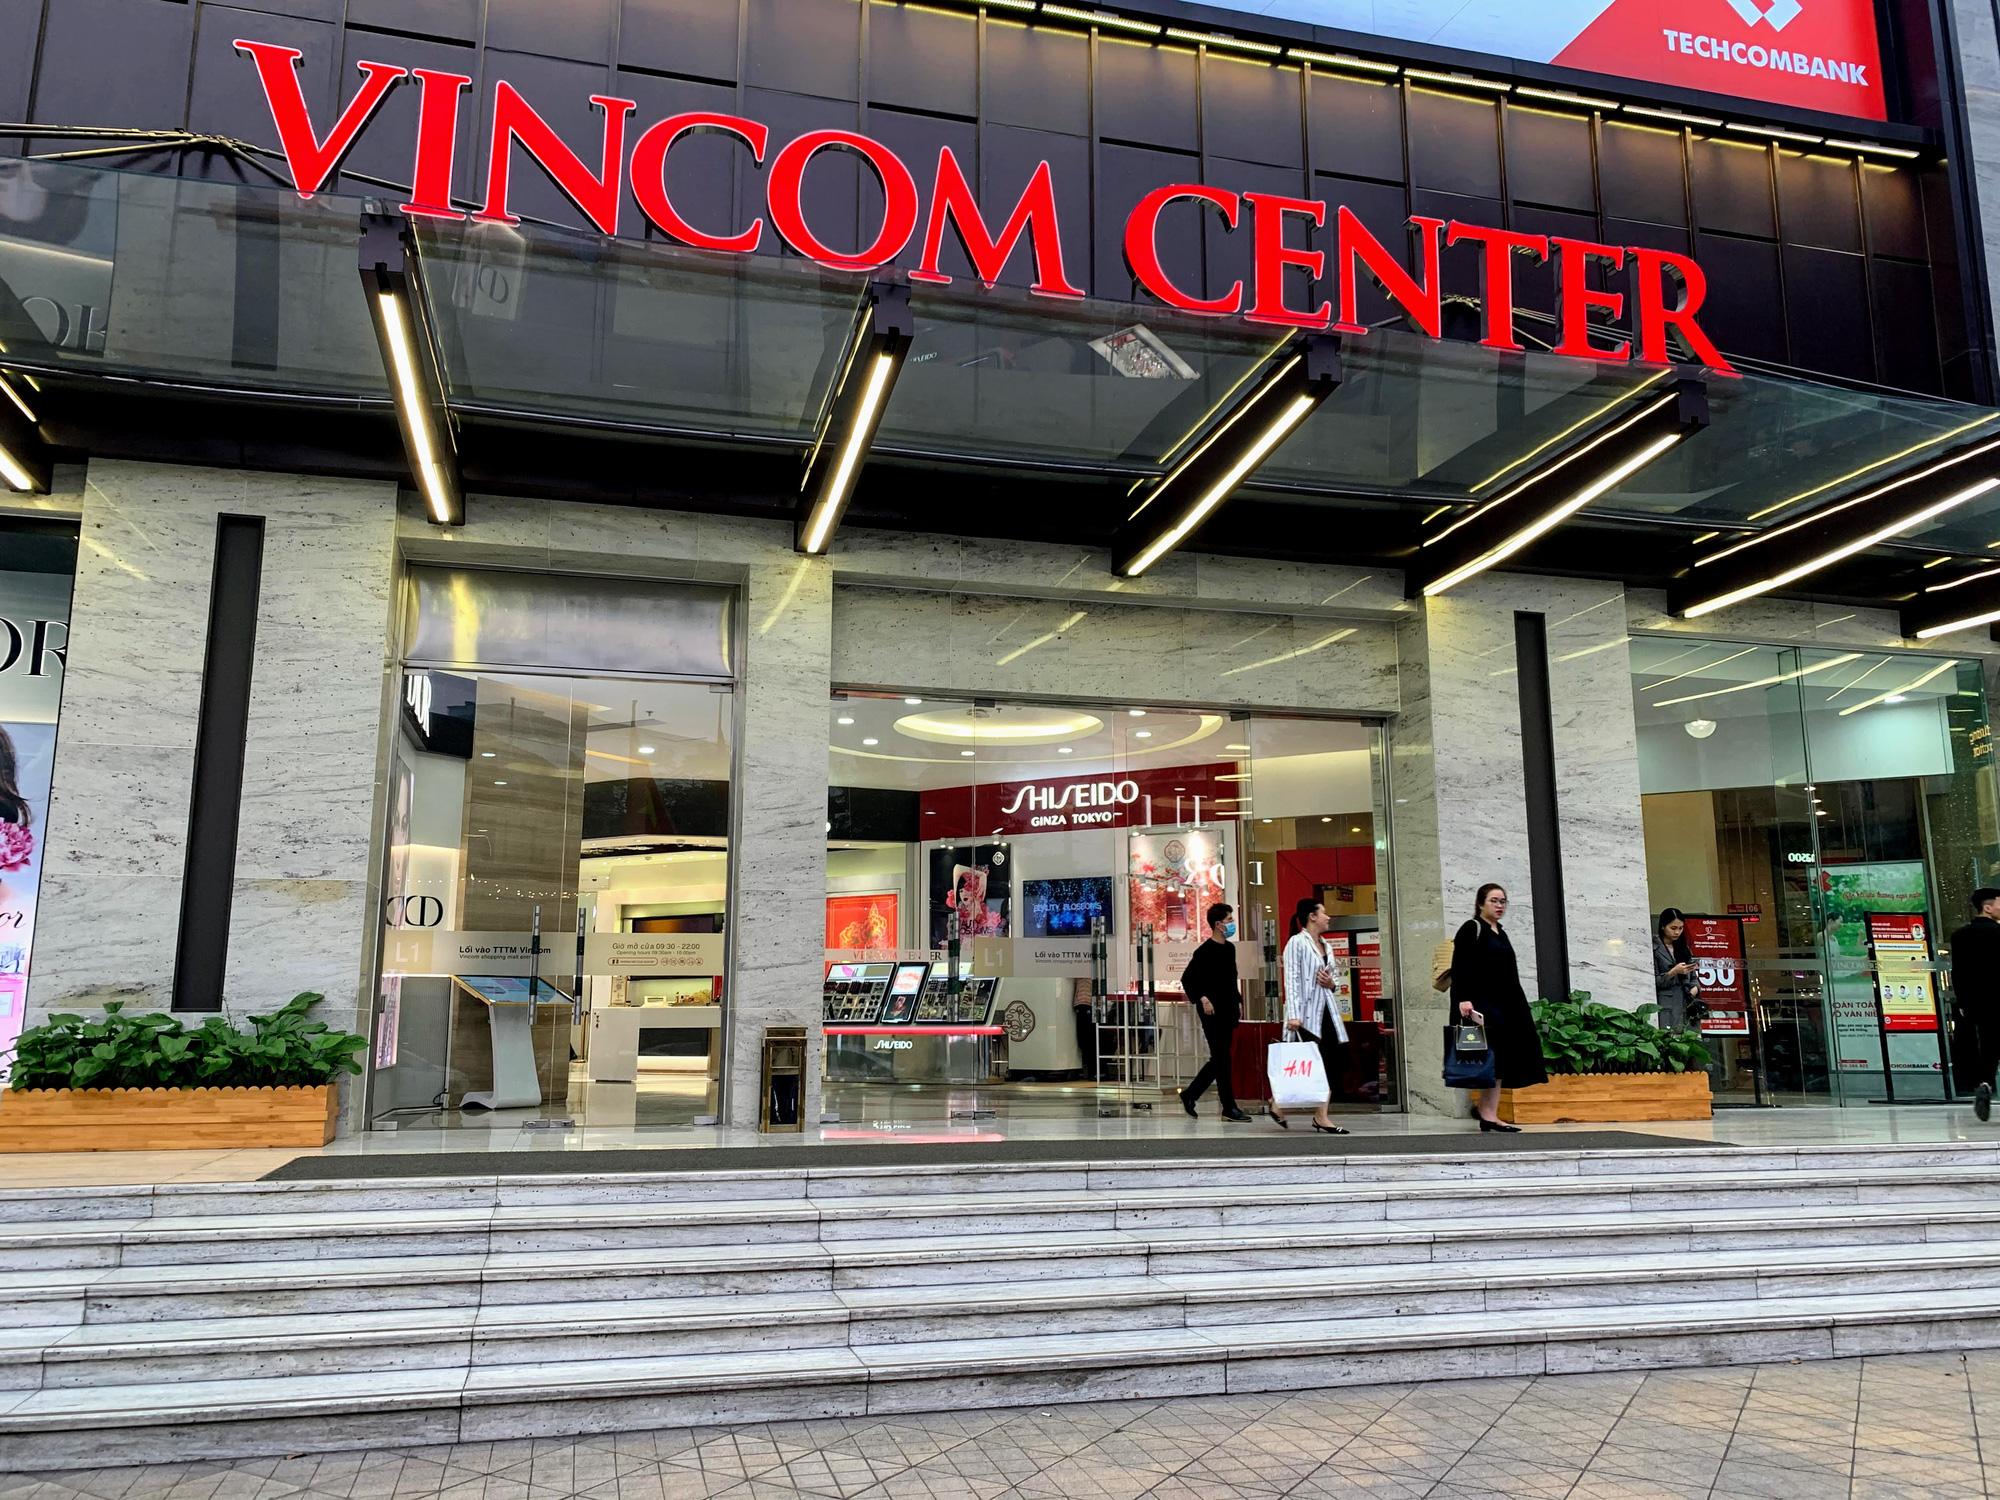 Fitch Solutions hạ dự báo tăng trưởng của Việt Nam vì dịch Covid - 19 - Ảnh 3.